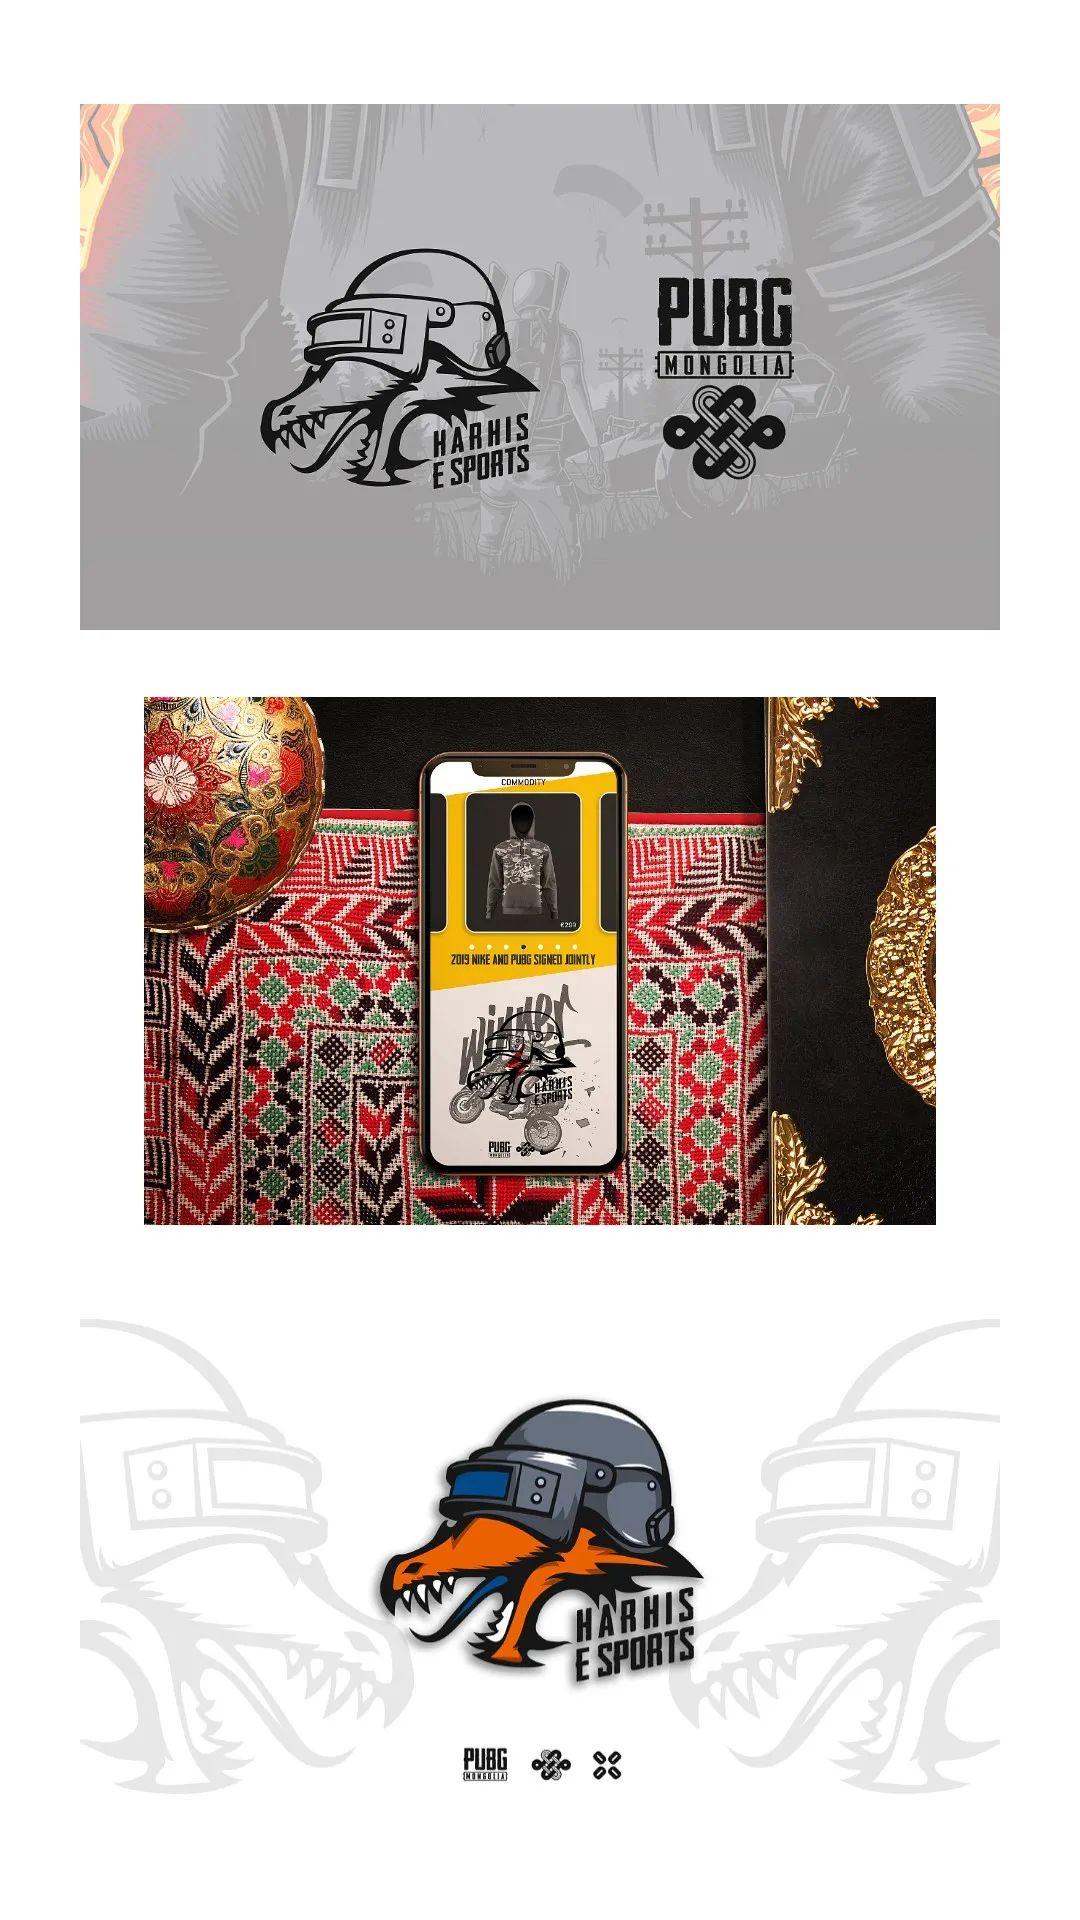 超赞的蒙元素设计-看完马上收藏 #Hotoch-Design#设计案例 第13张